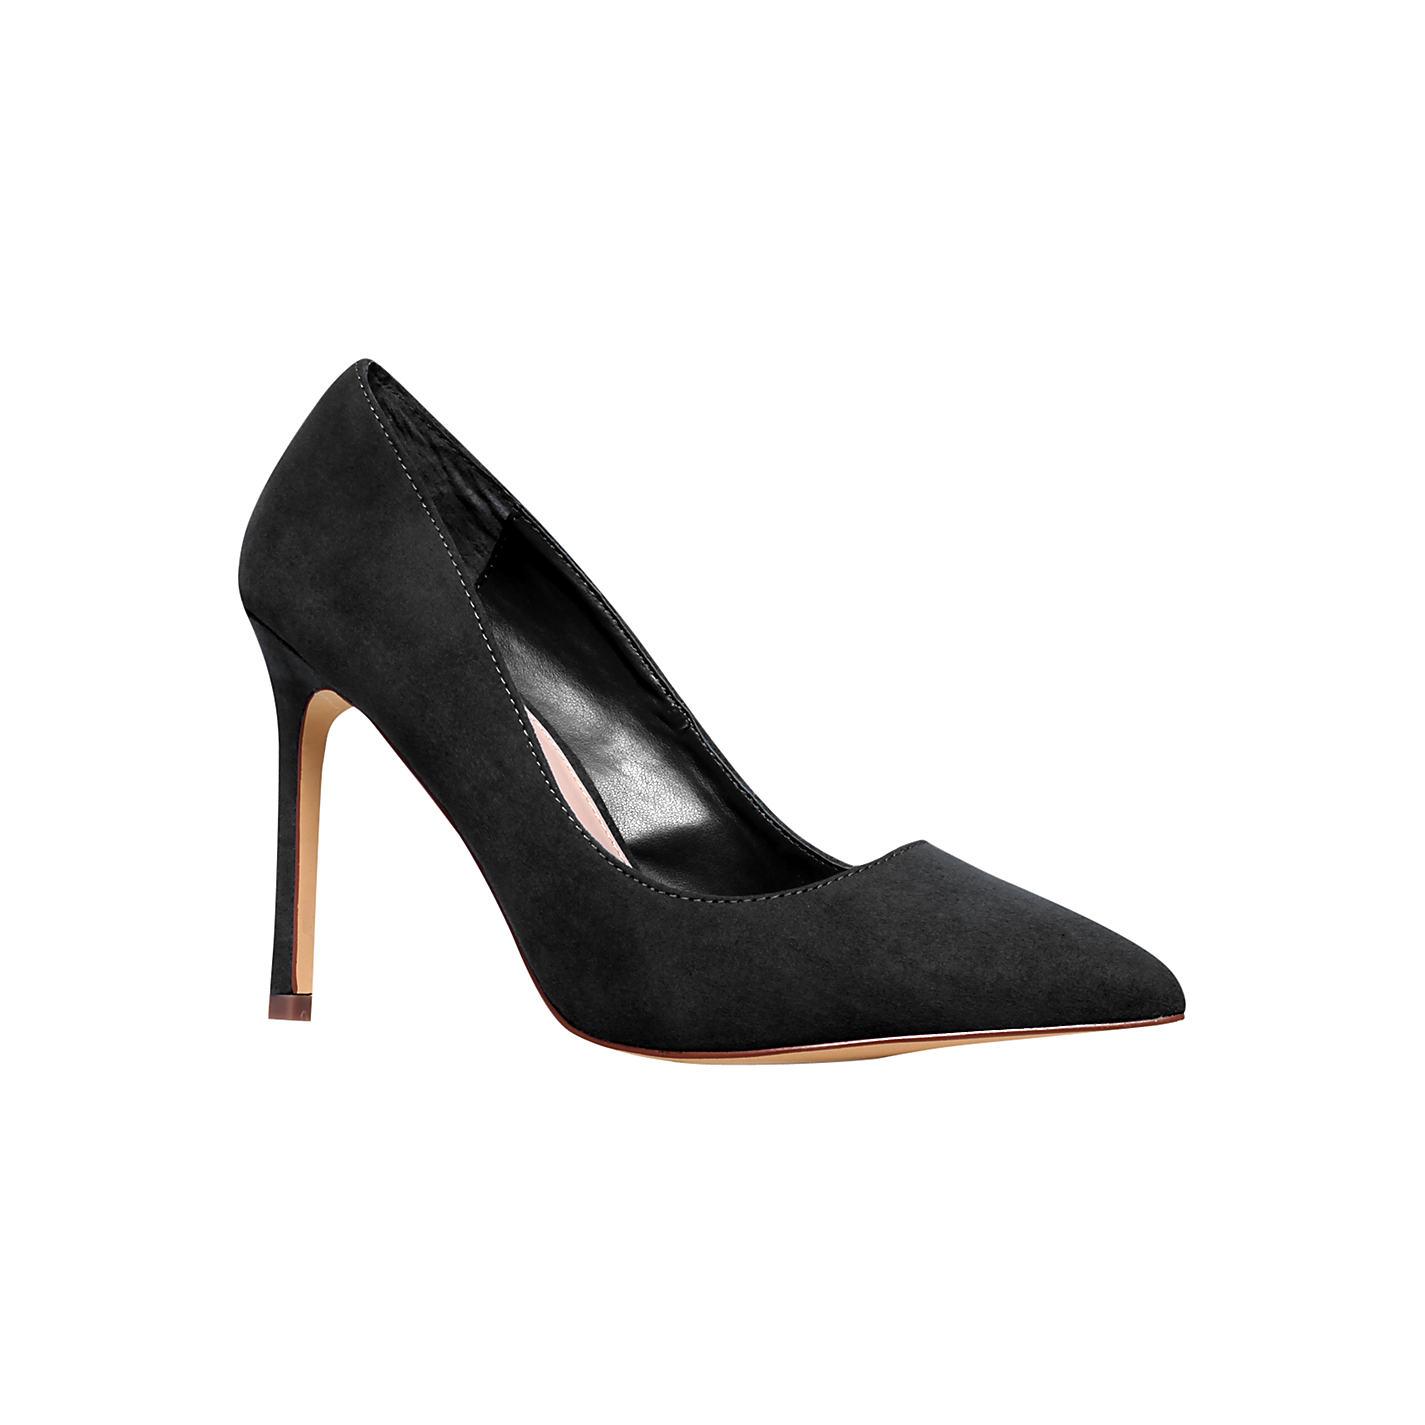 Buy High Heel Shoes Online